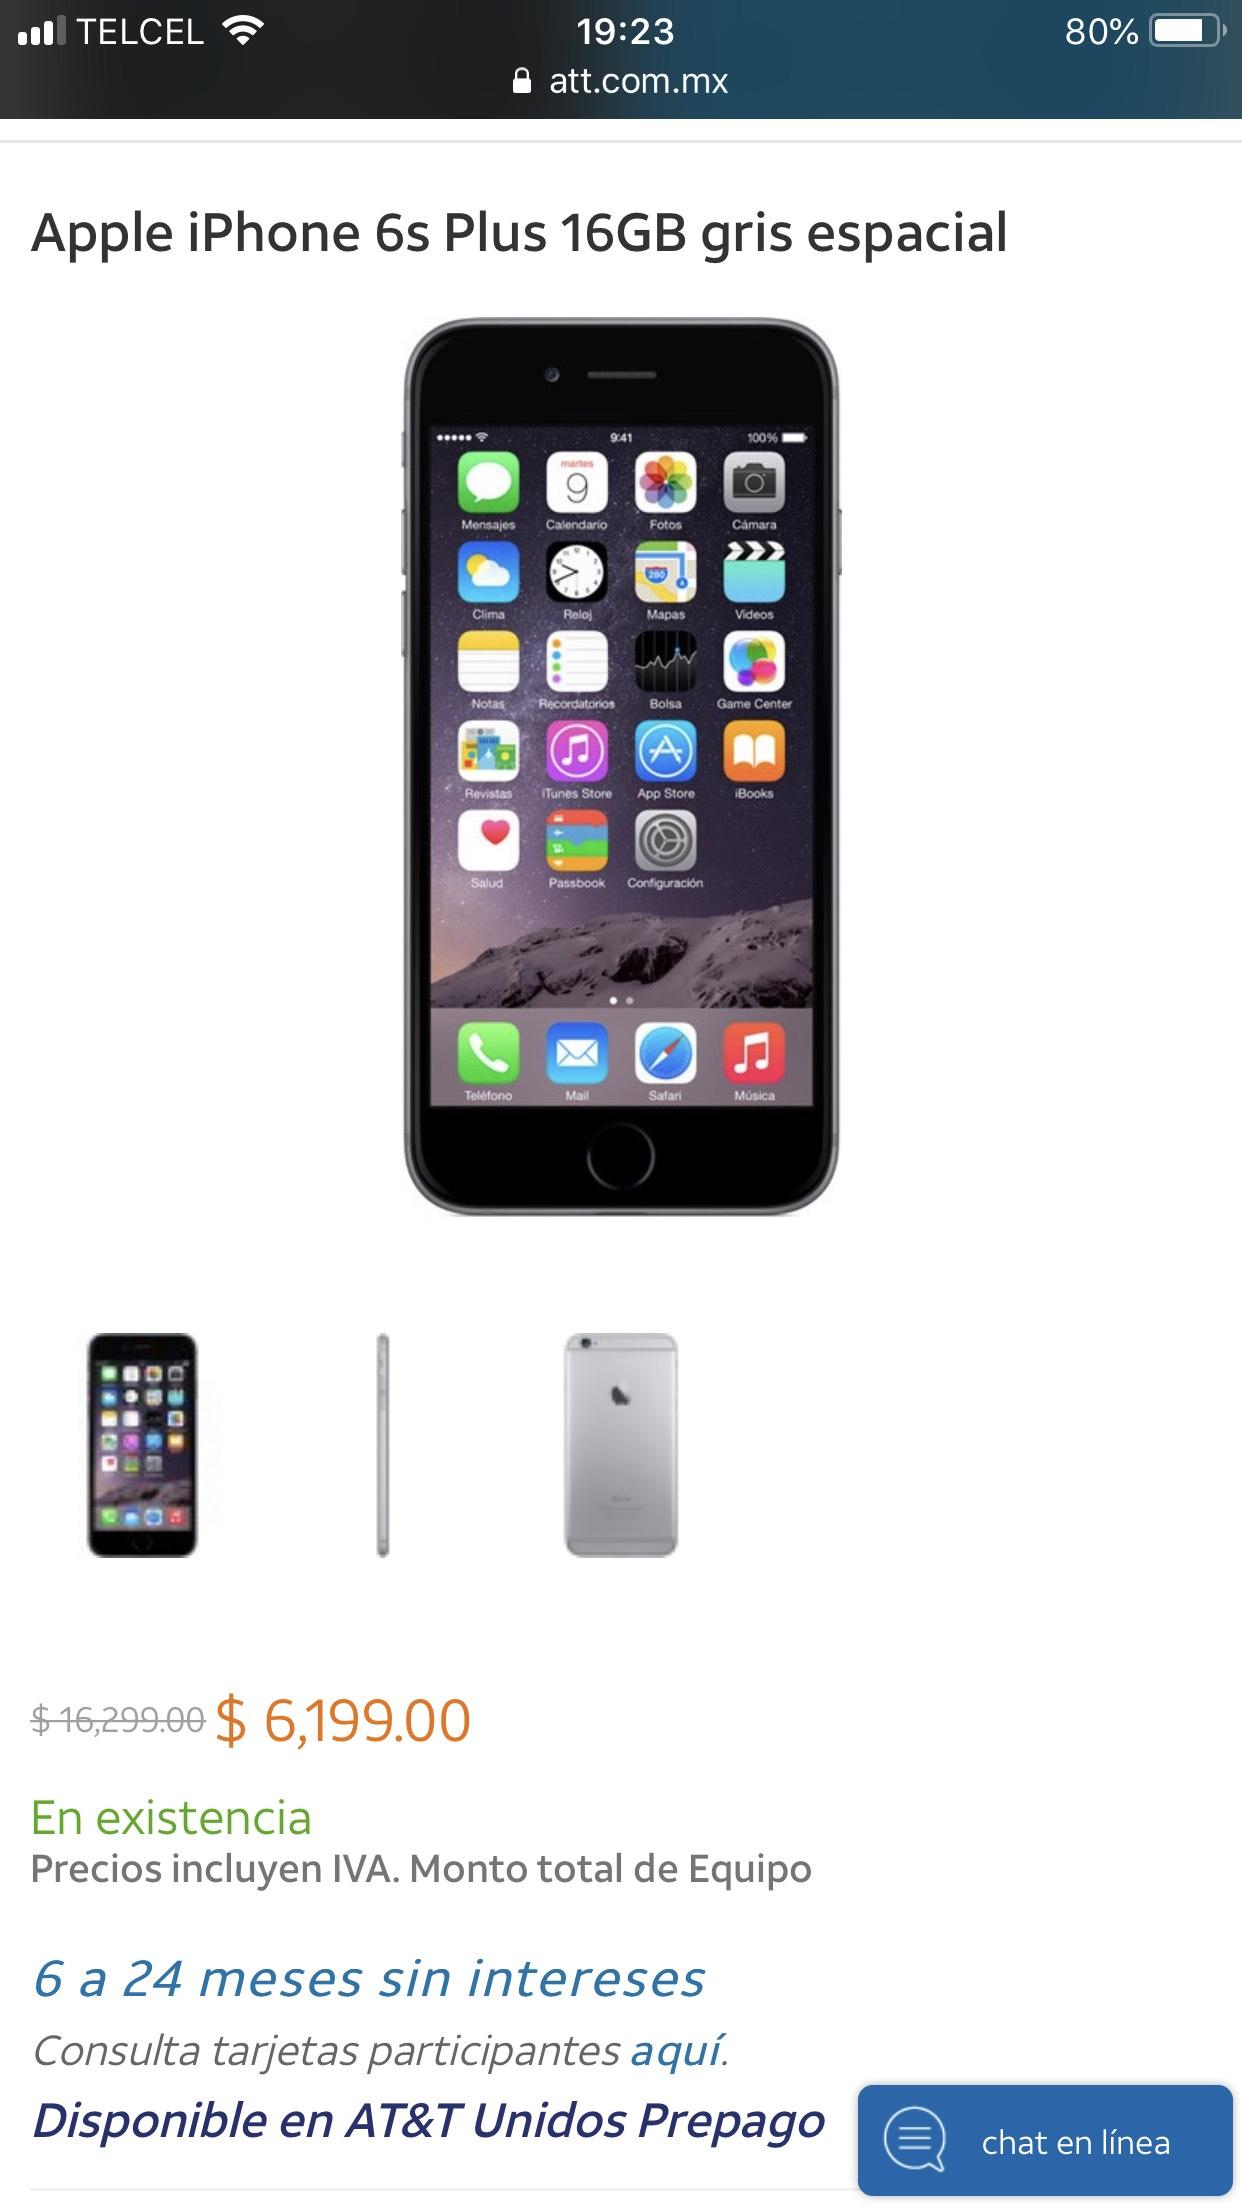 At&t: IPhone 6s Plus 16GB $6199